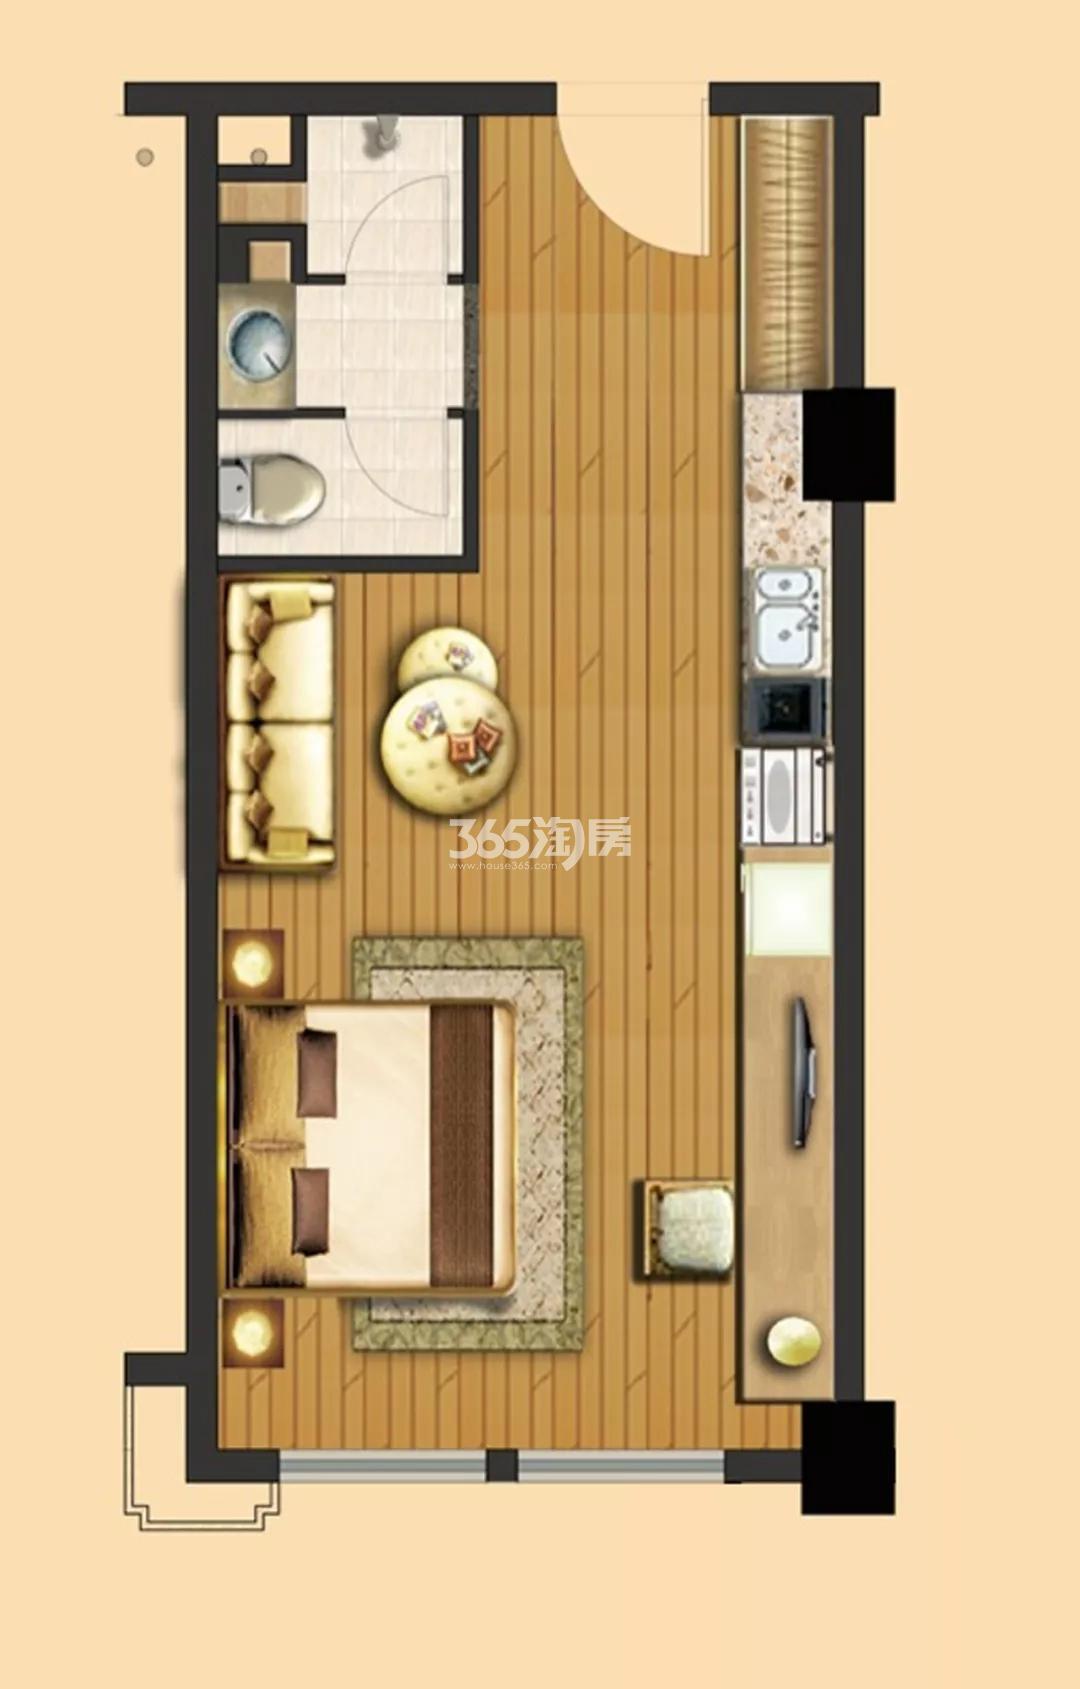 宏图上水云锦公寓南向户型45-51㎡